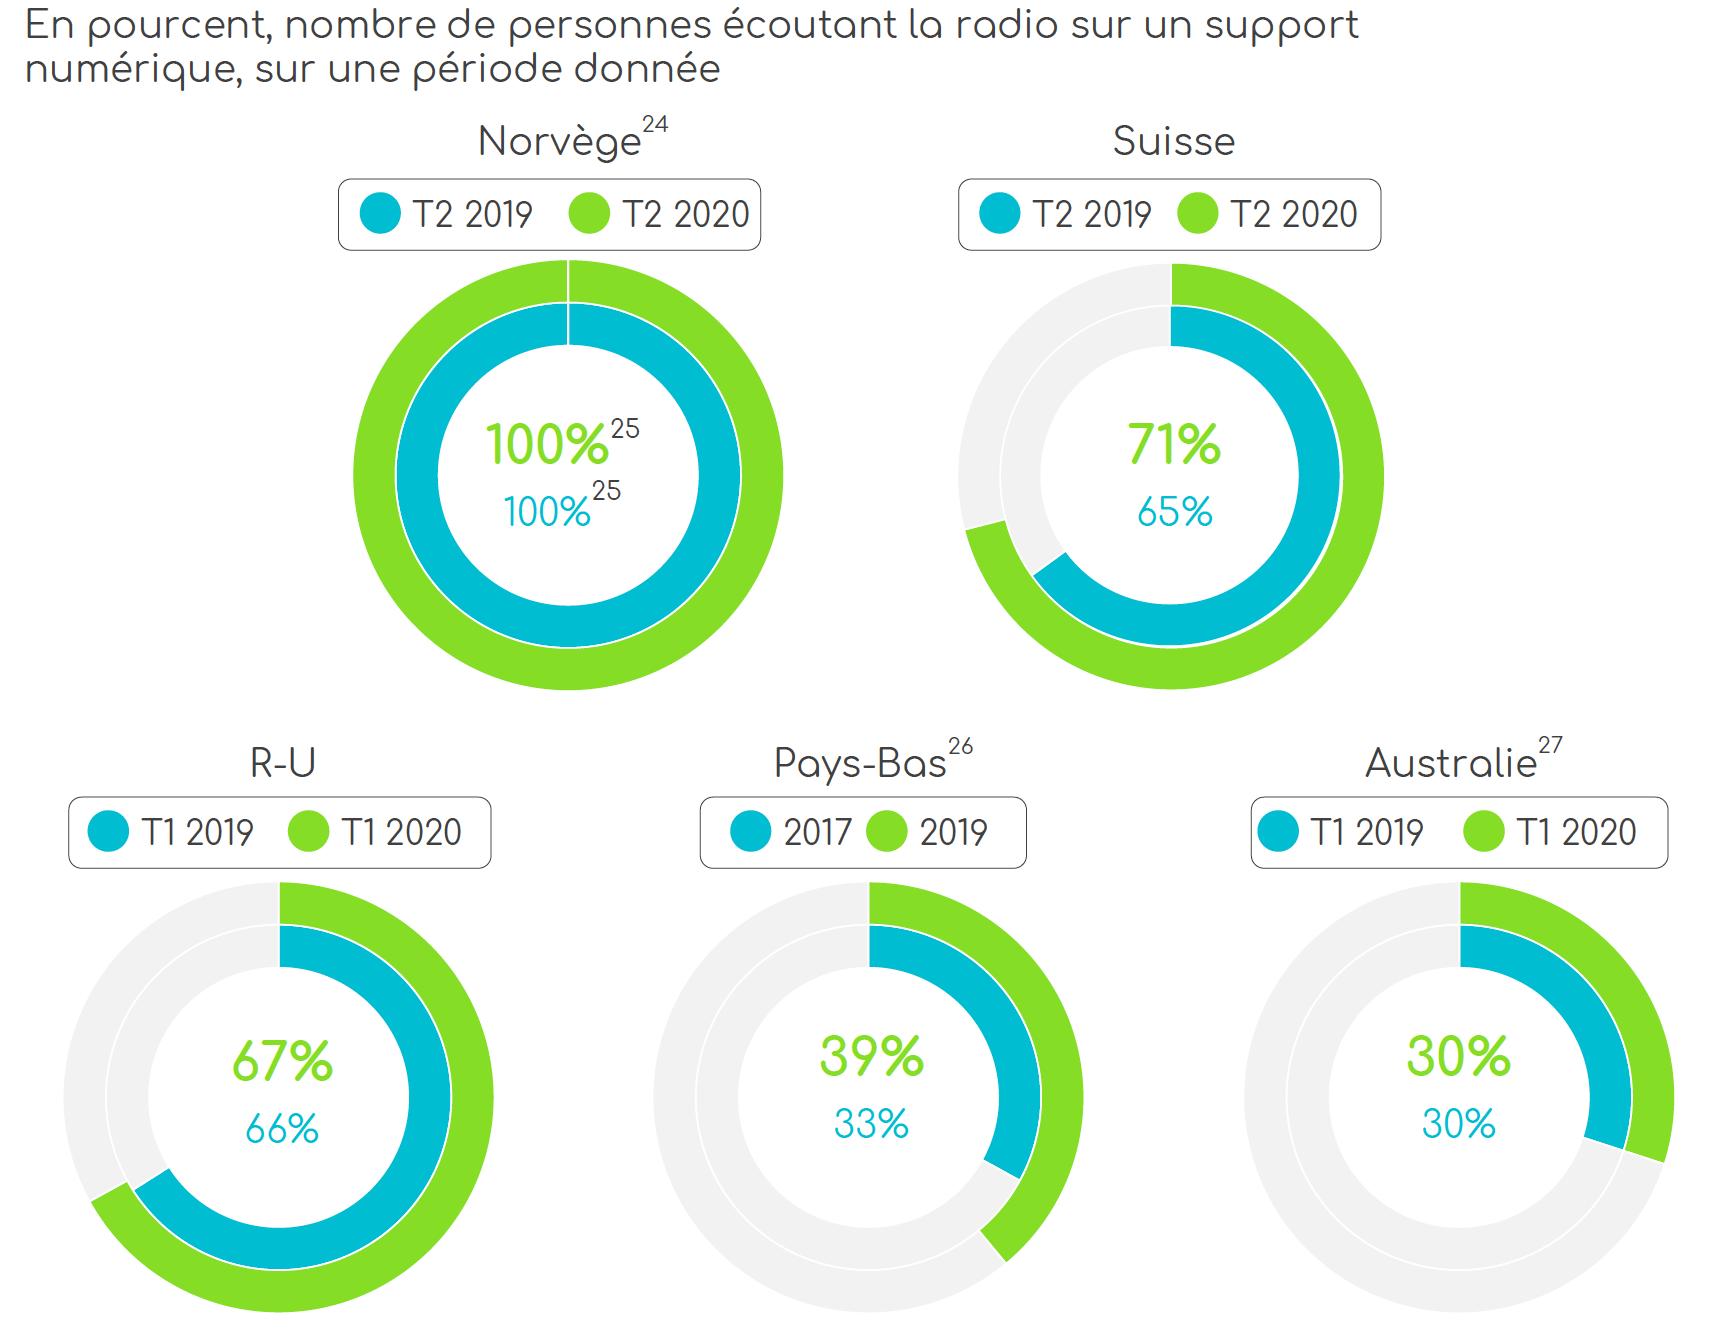 Le taux d'audience de la radio numérique sur l'ensemble des supports